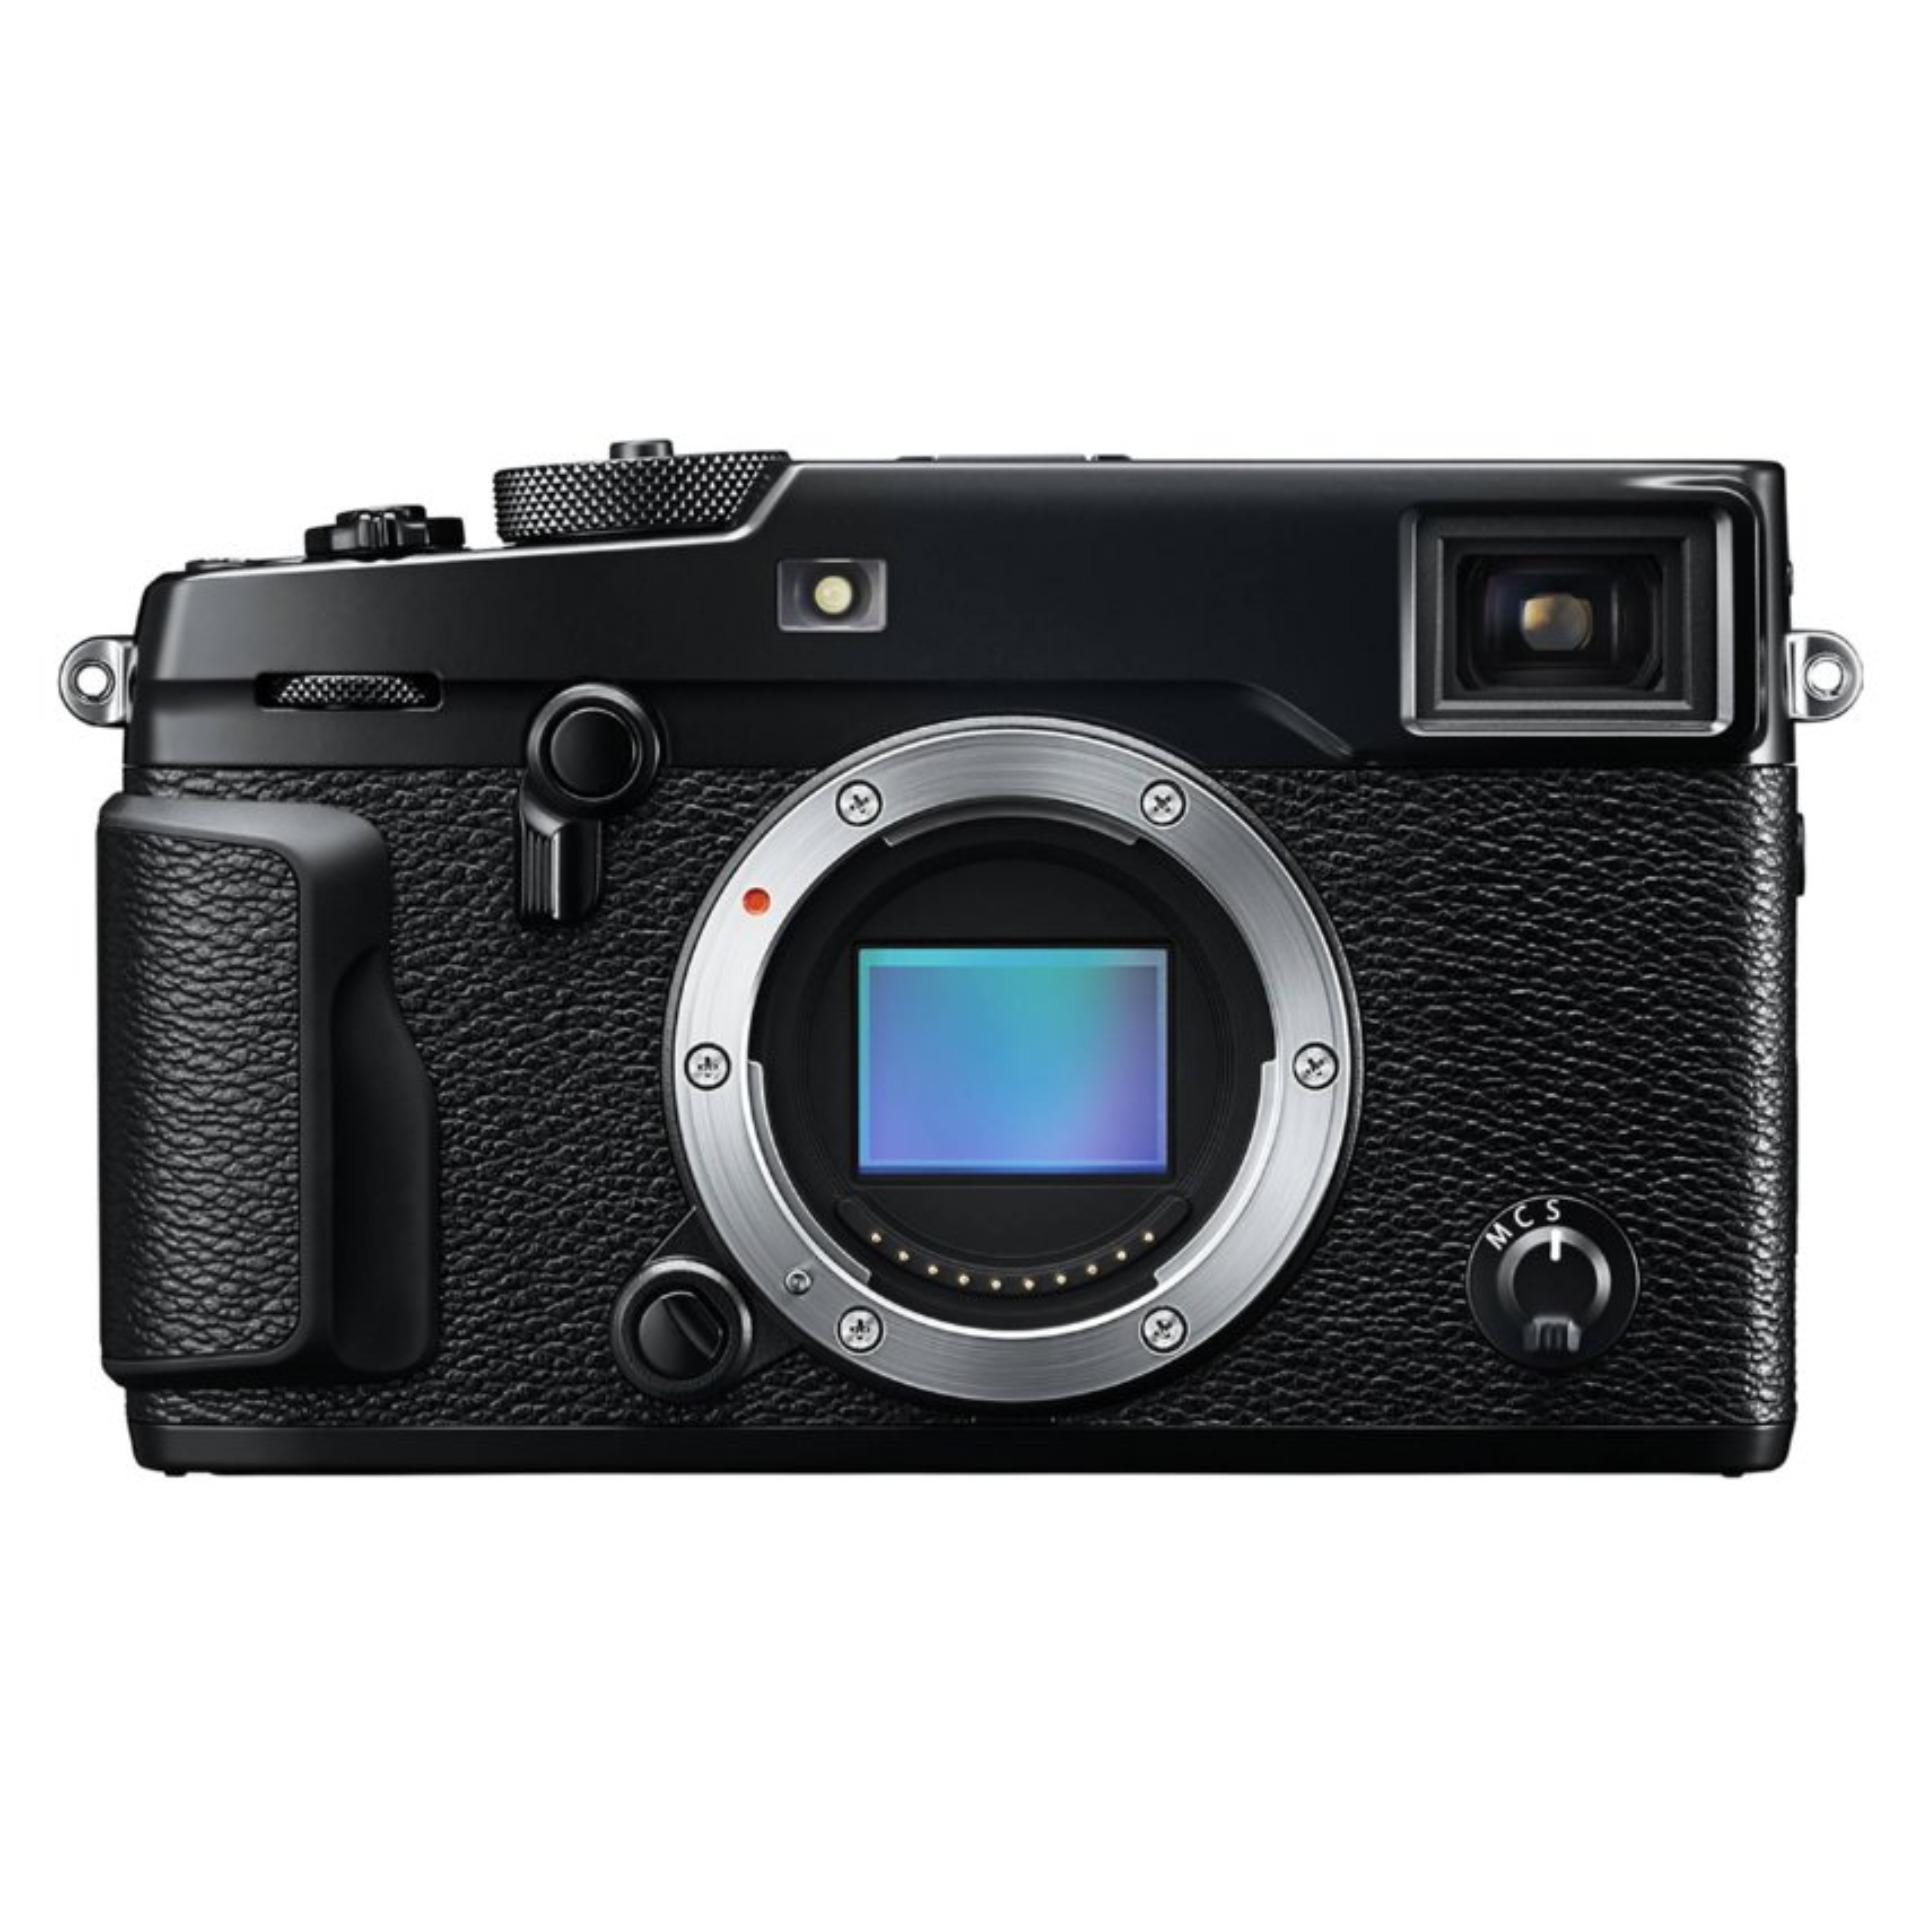 Fujifilm X-Pro2 Camera Body Only (No Warranty)